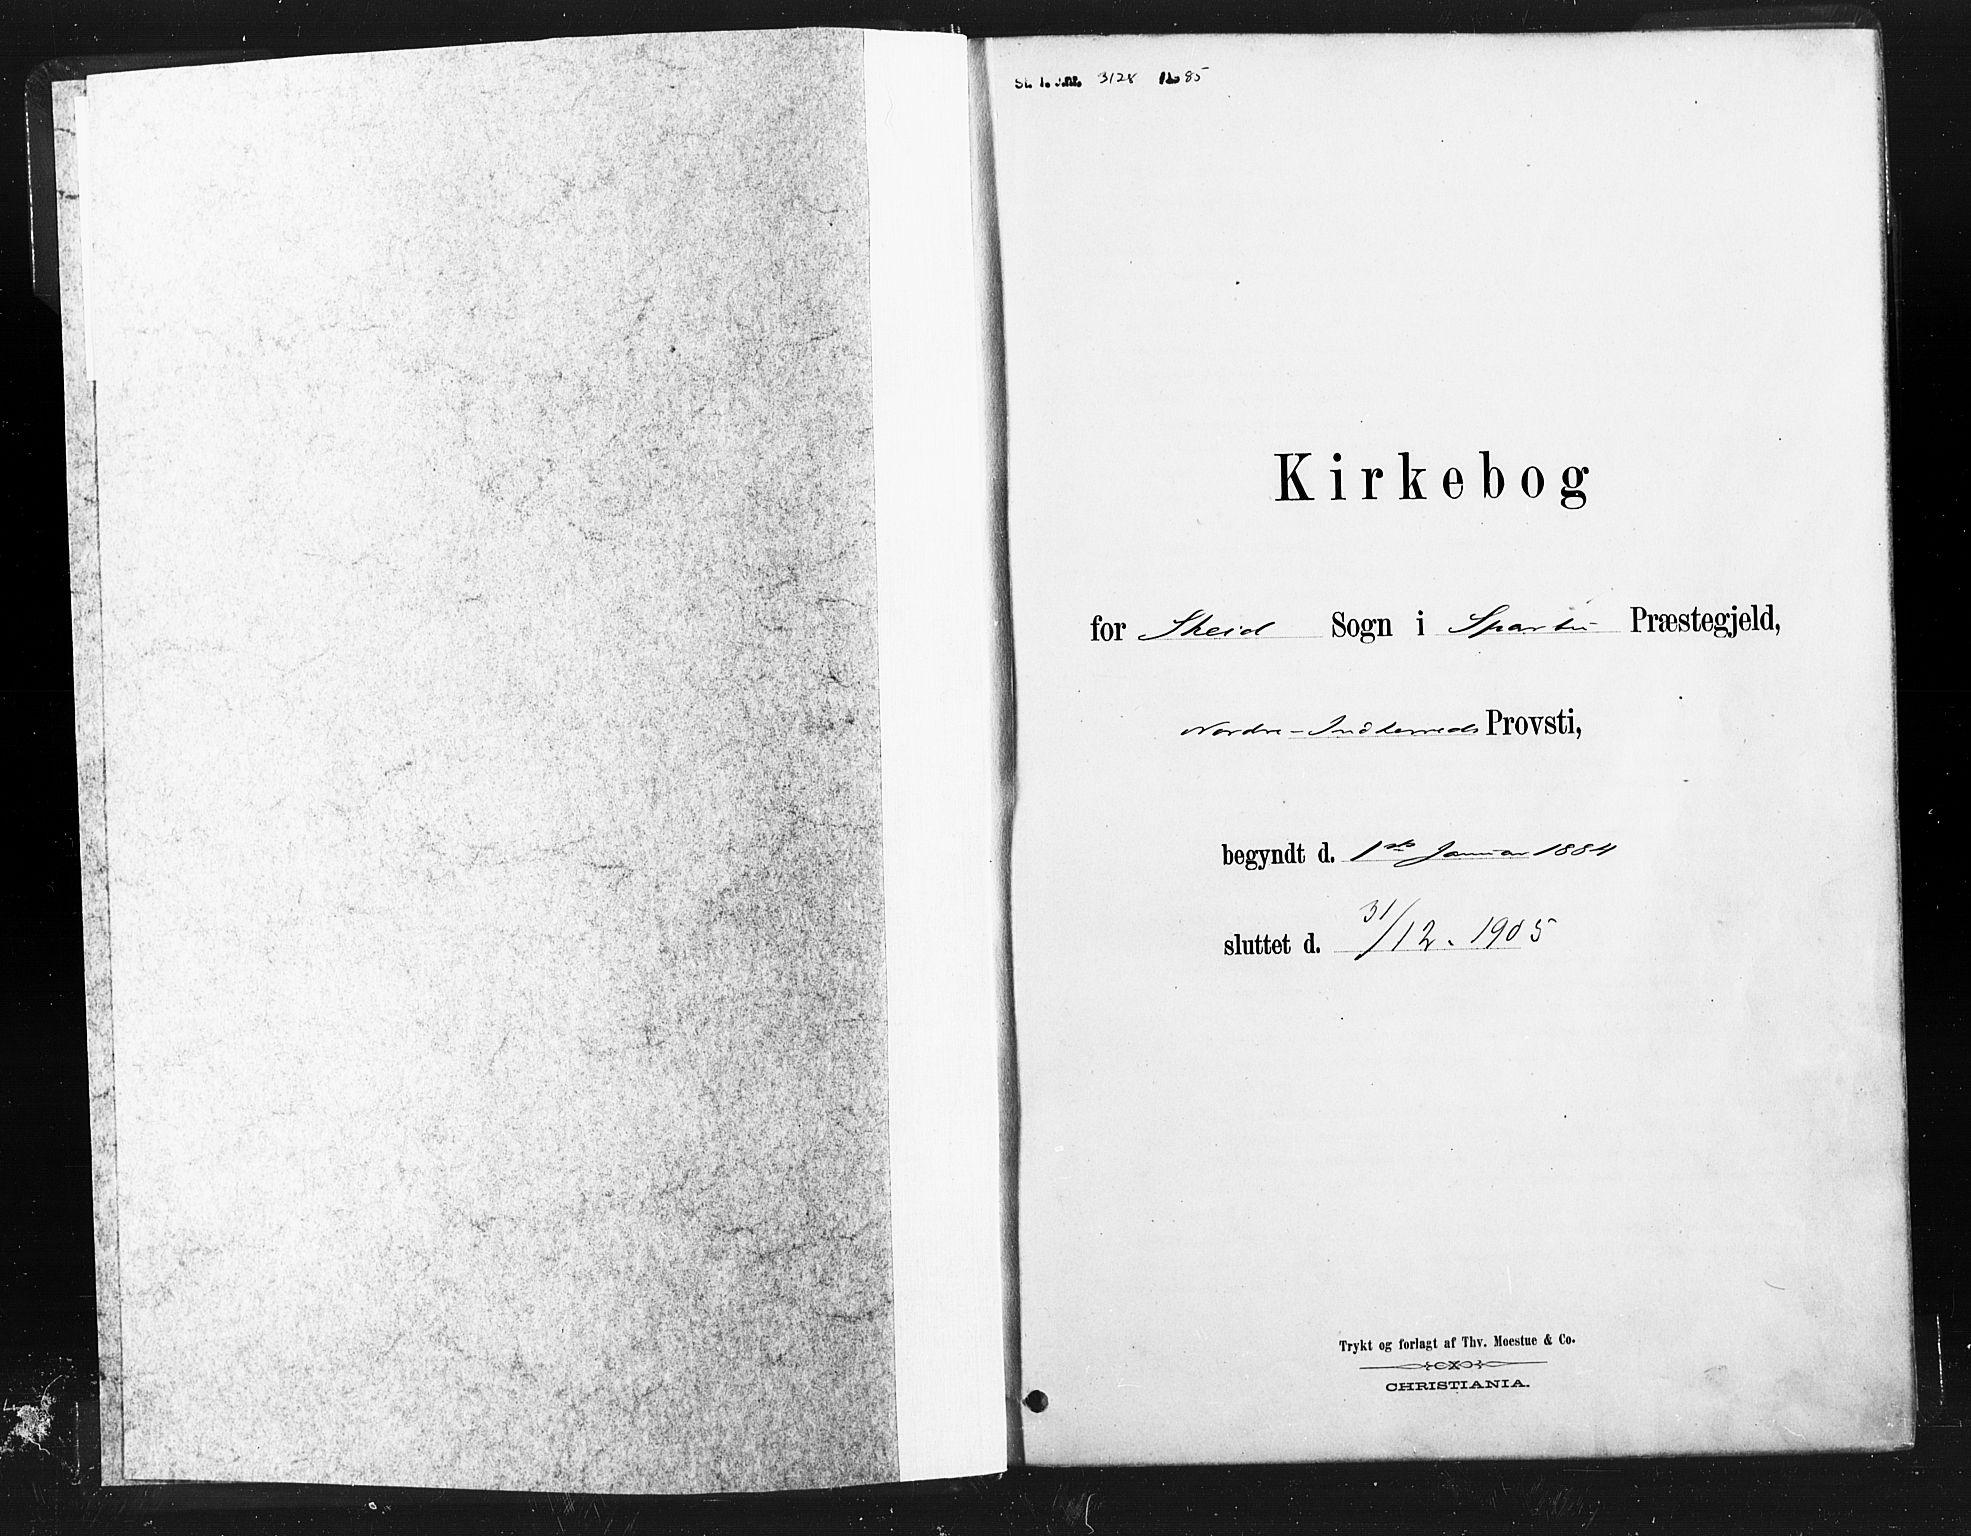 SAT, Ministerialprotokoller, klokkerbøker og fødselsregistre - Nord-Trøndelag, 736/L0361: Ministerialbok nr. 736A01, 1884-1906